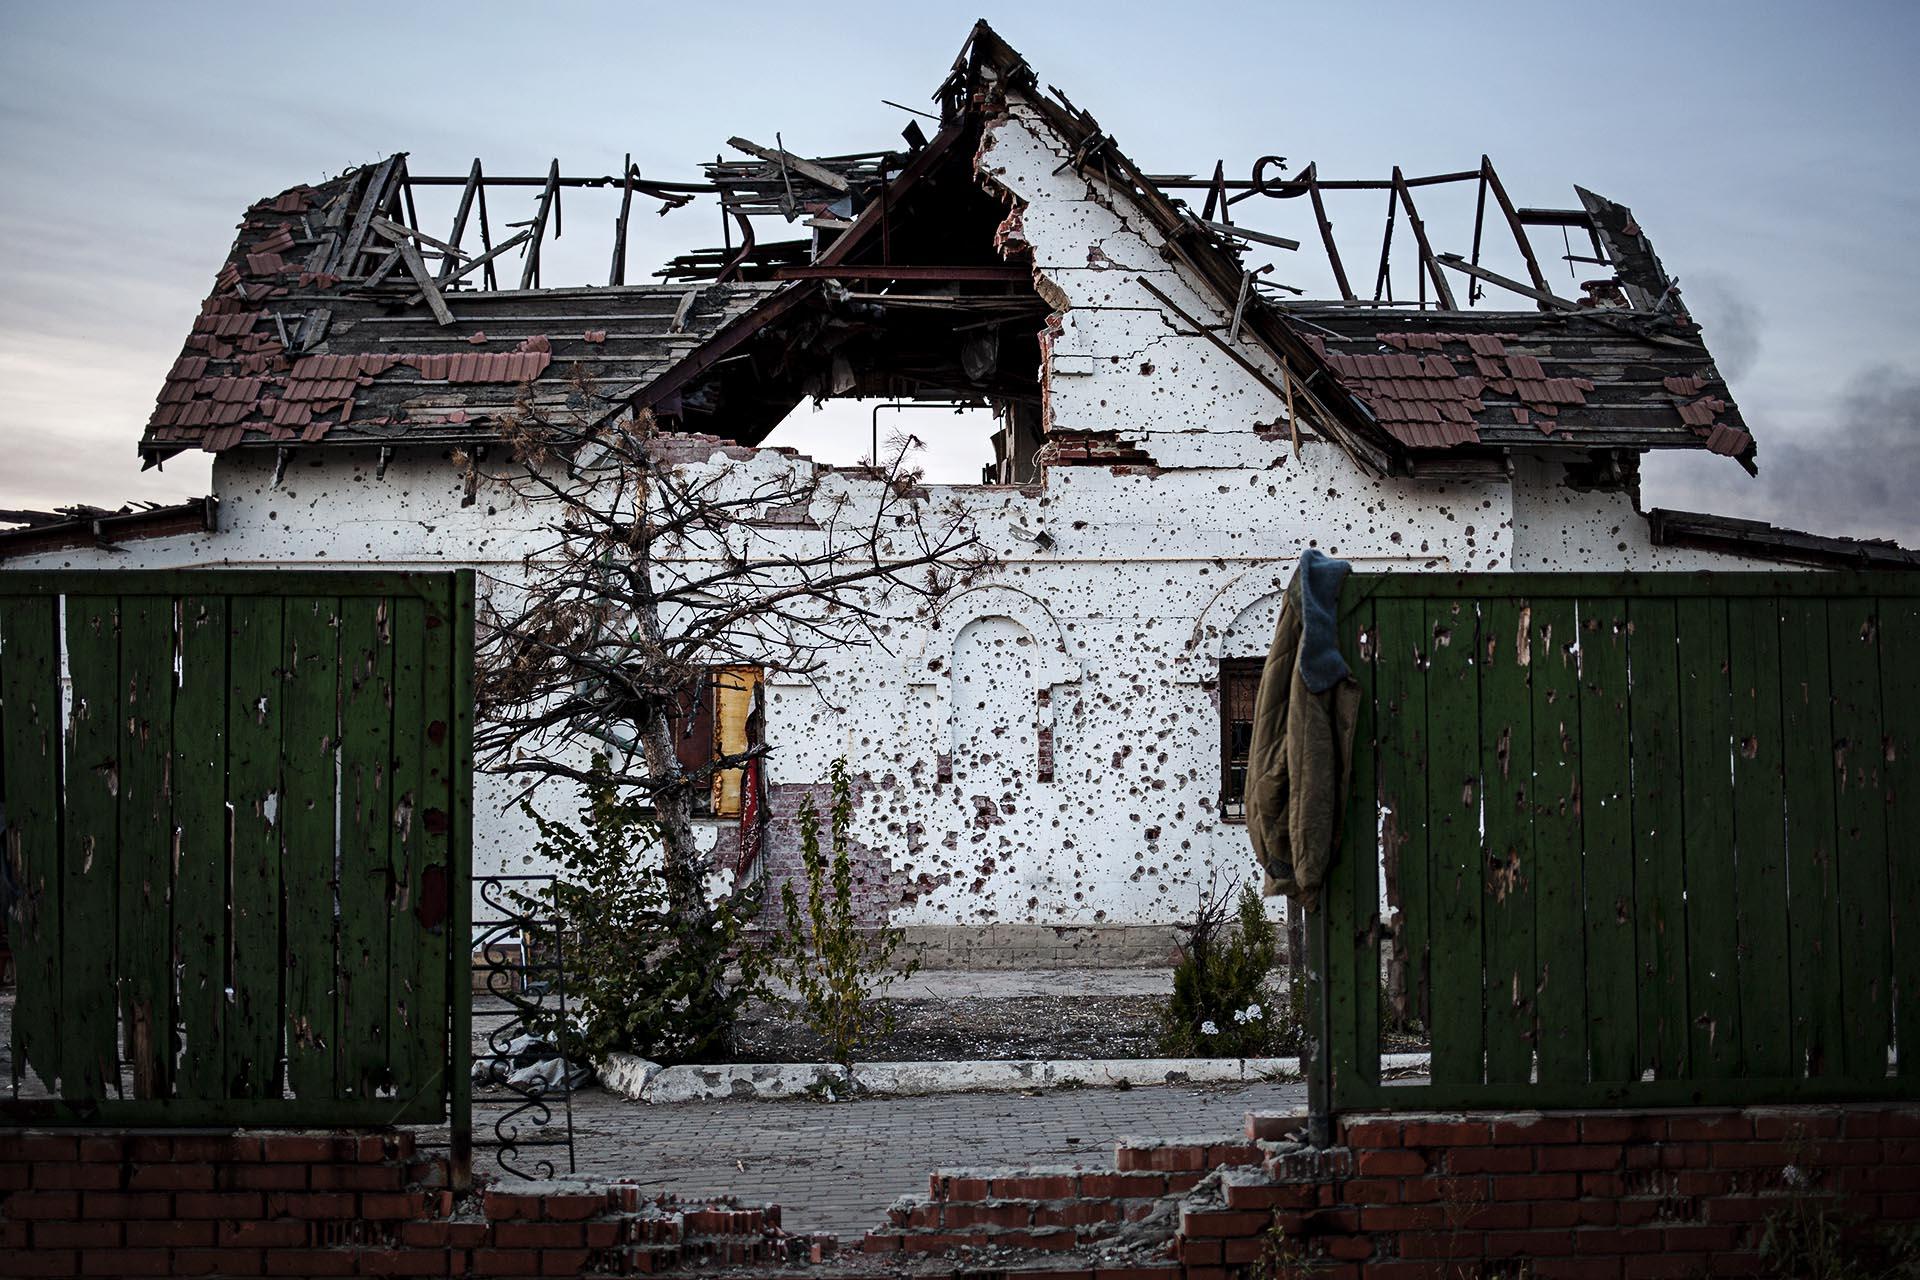 Muchas casas han quedado completamente destrozadas. / (Donetsk).